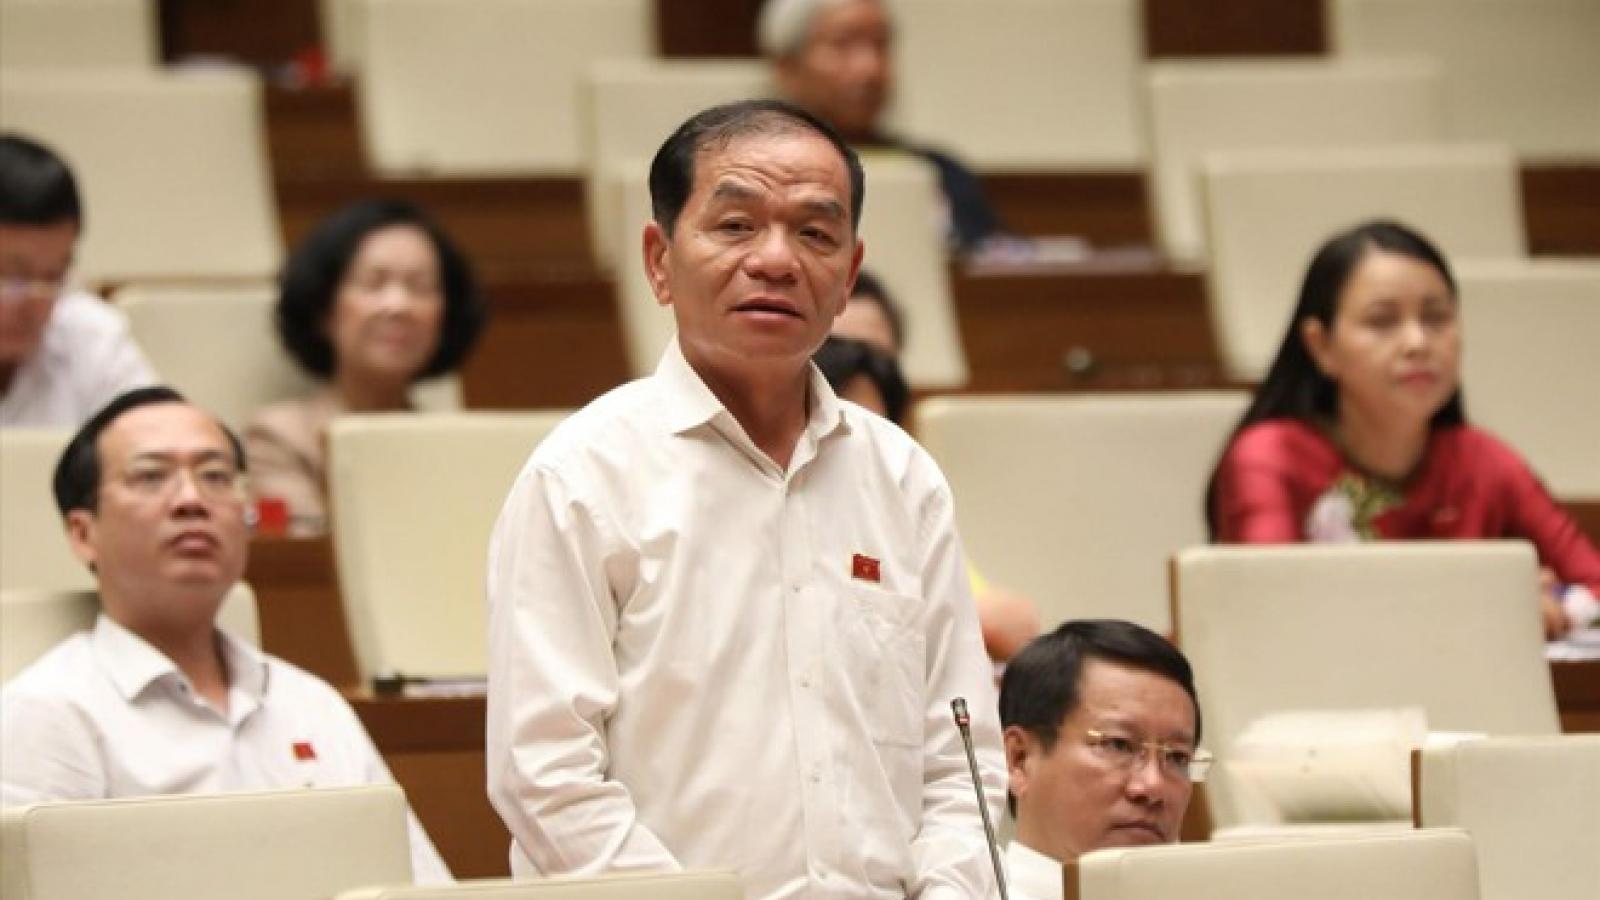 Tăng đại biểu chuyên trách để tăng chất lượng hoạt động của Quốc hội